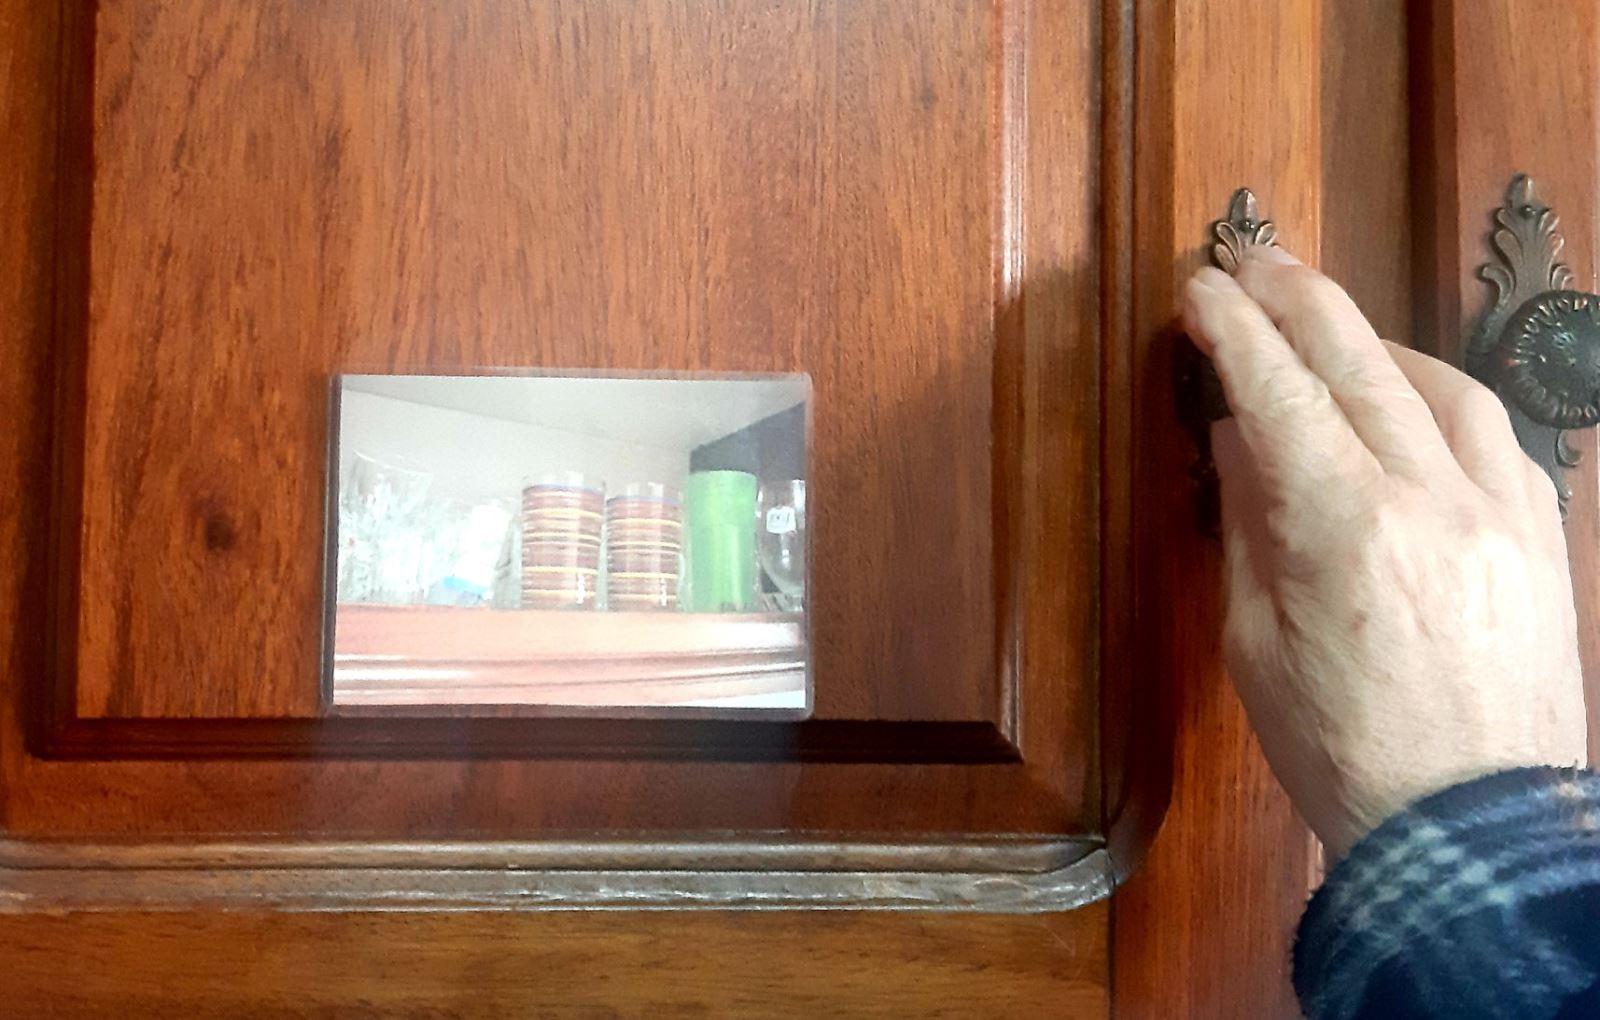 Vagos | Casa amigável para pessoas com demência